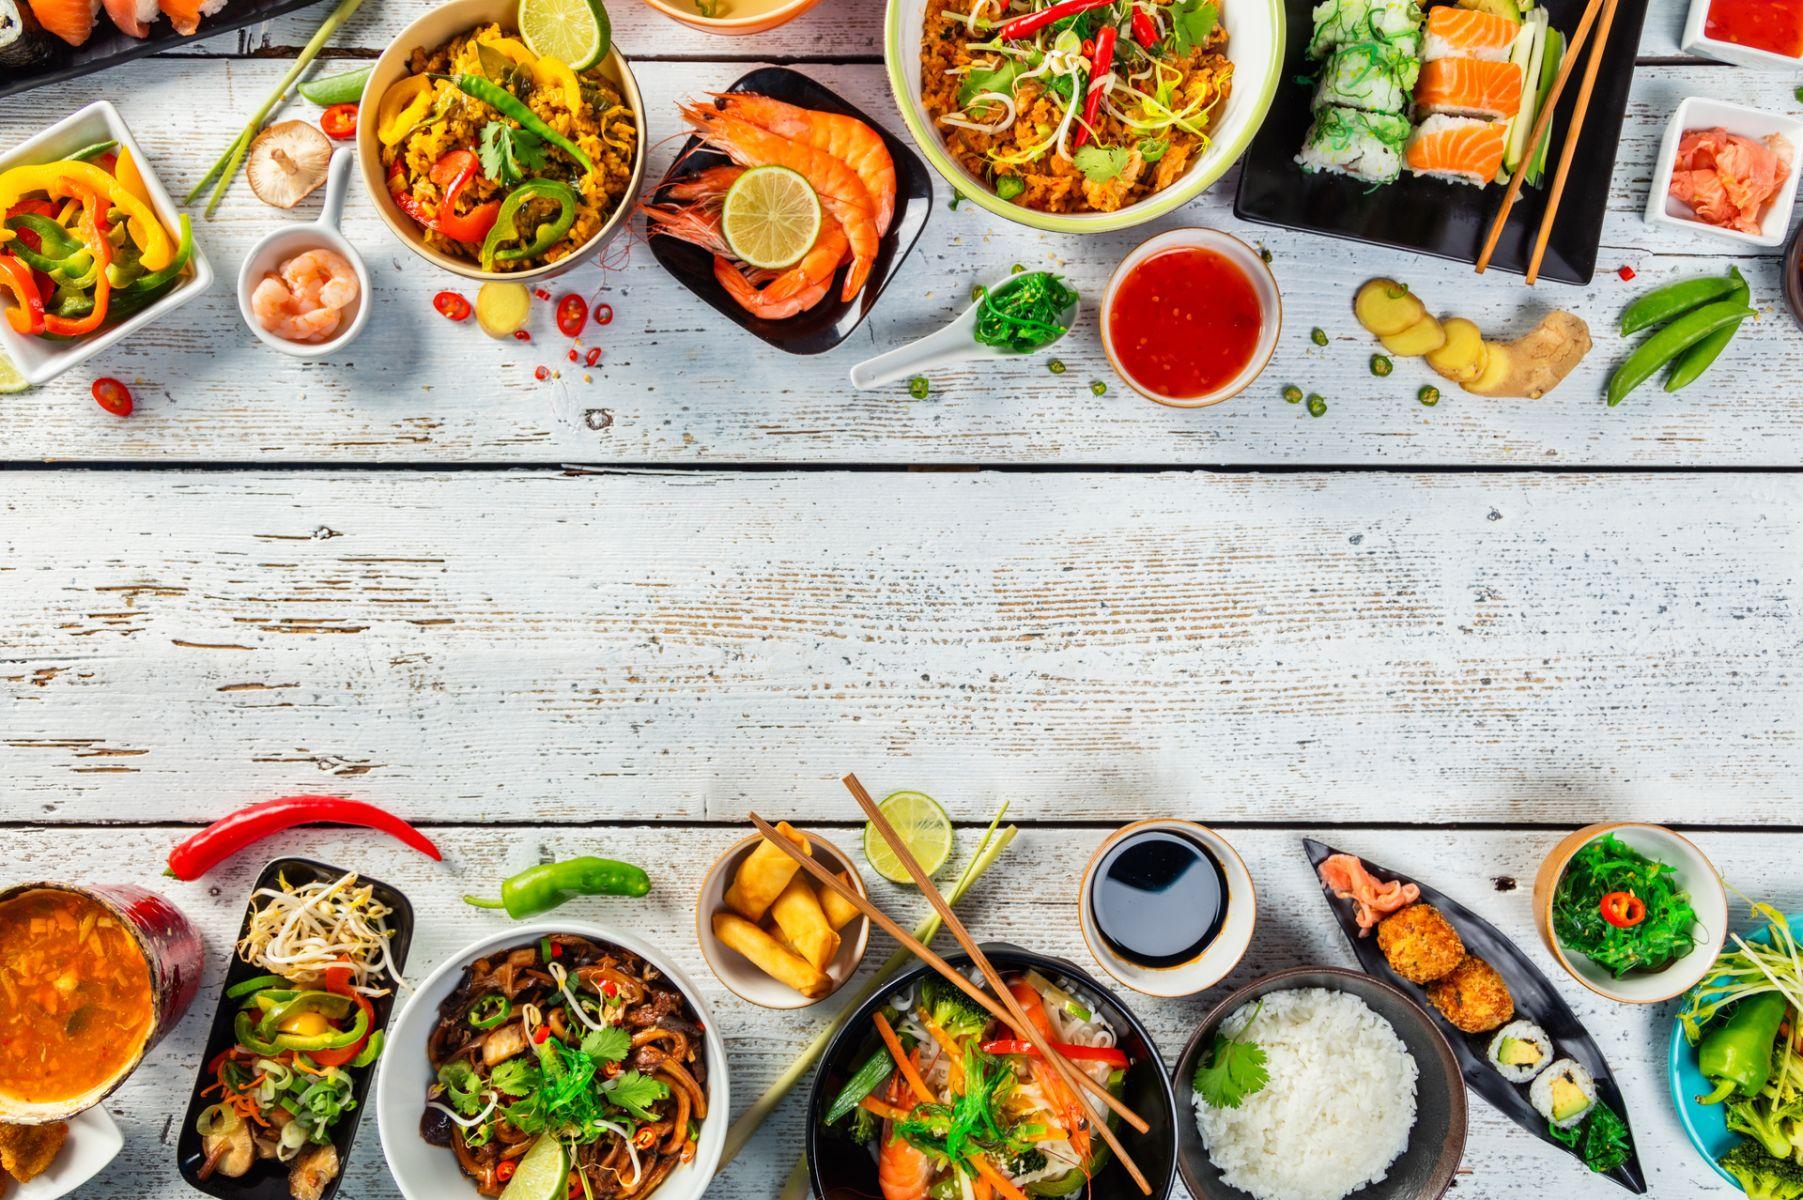 國人飲食不均衡 心血管疾病患者缺這個營養素